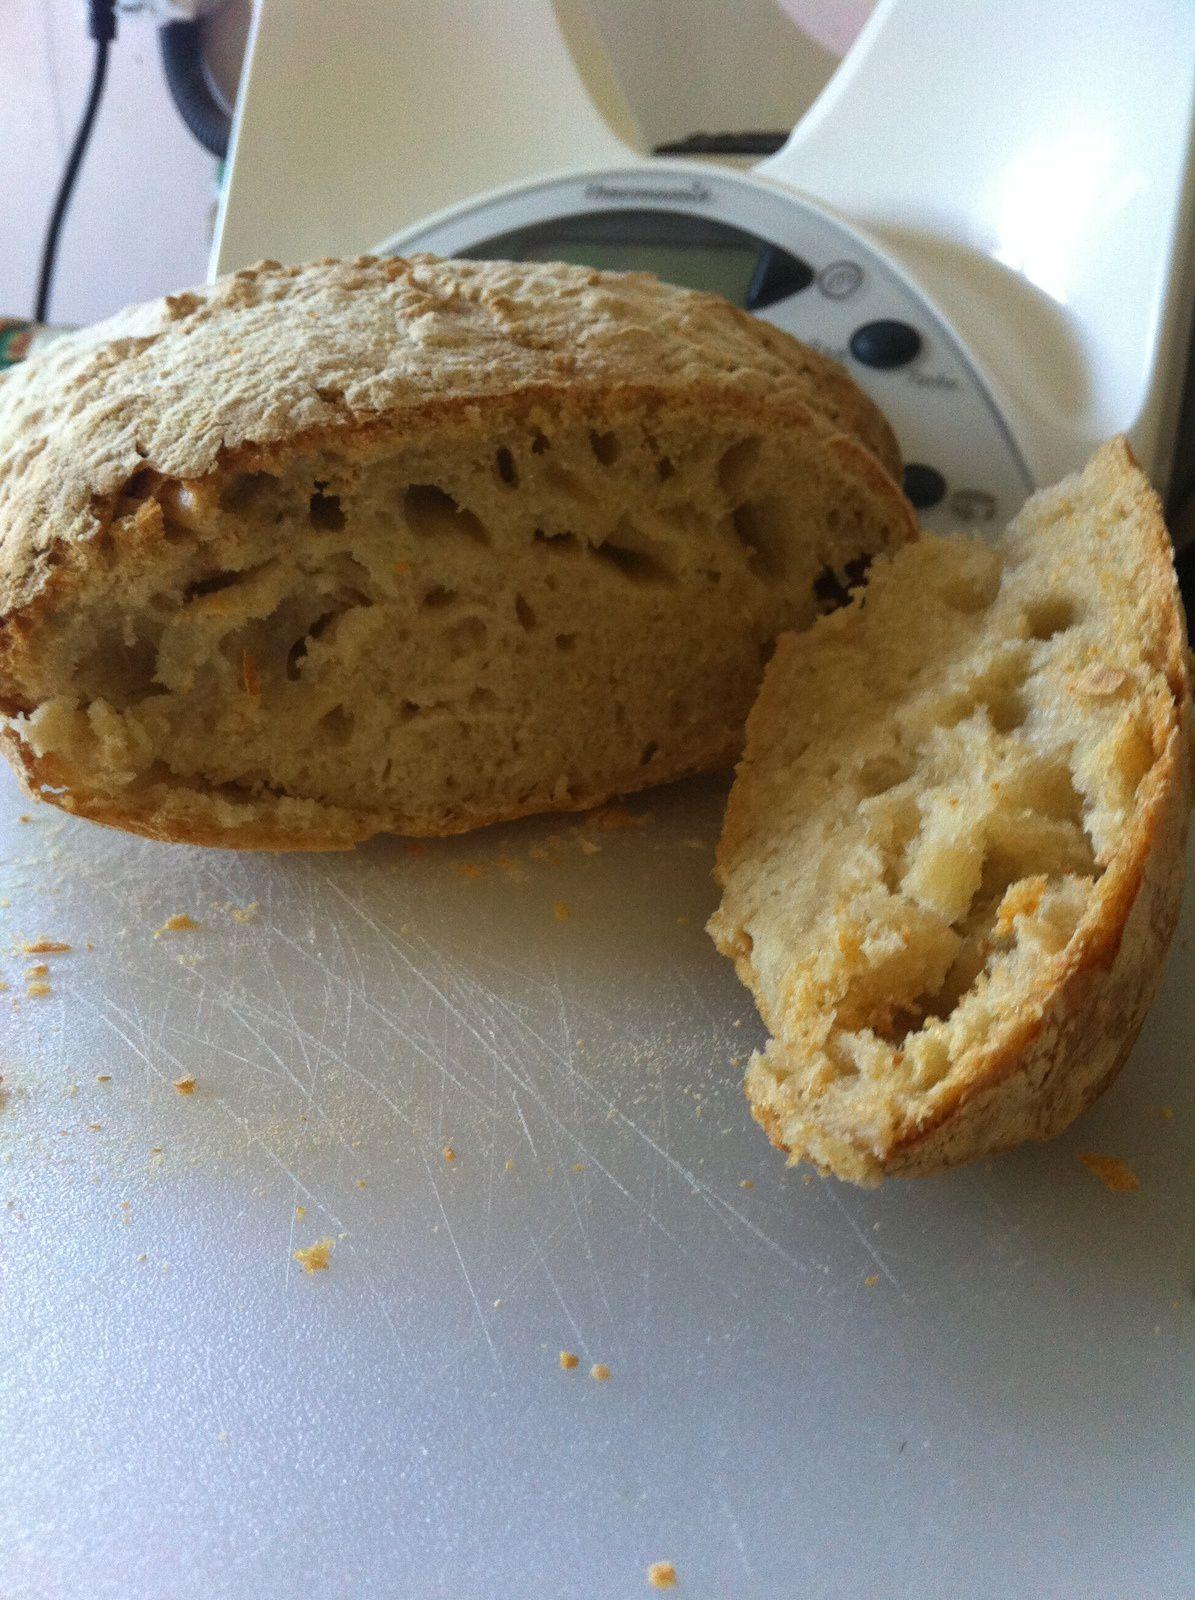 pain : vraiment bonne recette. Dommage un peu trop dur la croûte mais j'ai laissé la pâte levée trop longtemps. La mie est un peu trop serrée mais ca n'empêche qu'il soit bon